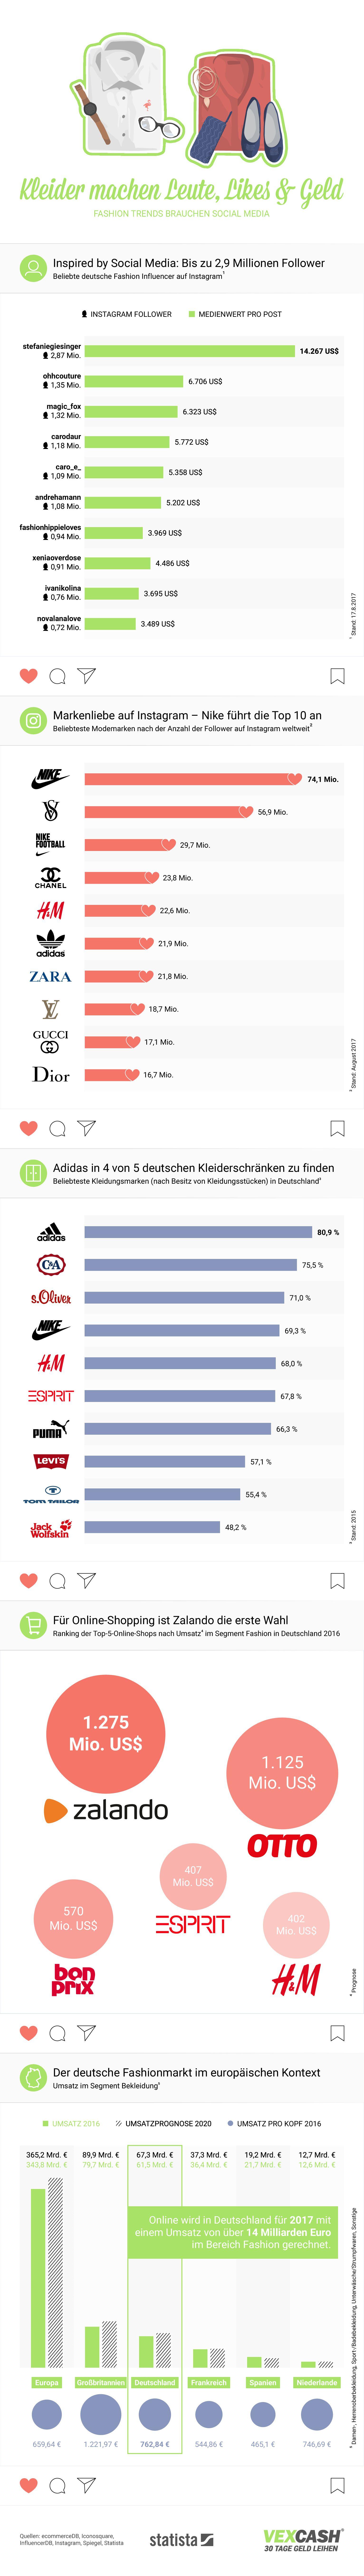 [Infografik] Fashion und Social Media in Deutschland